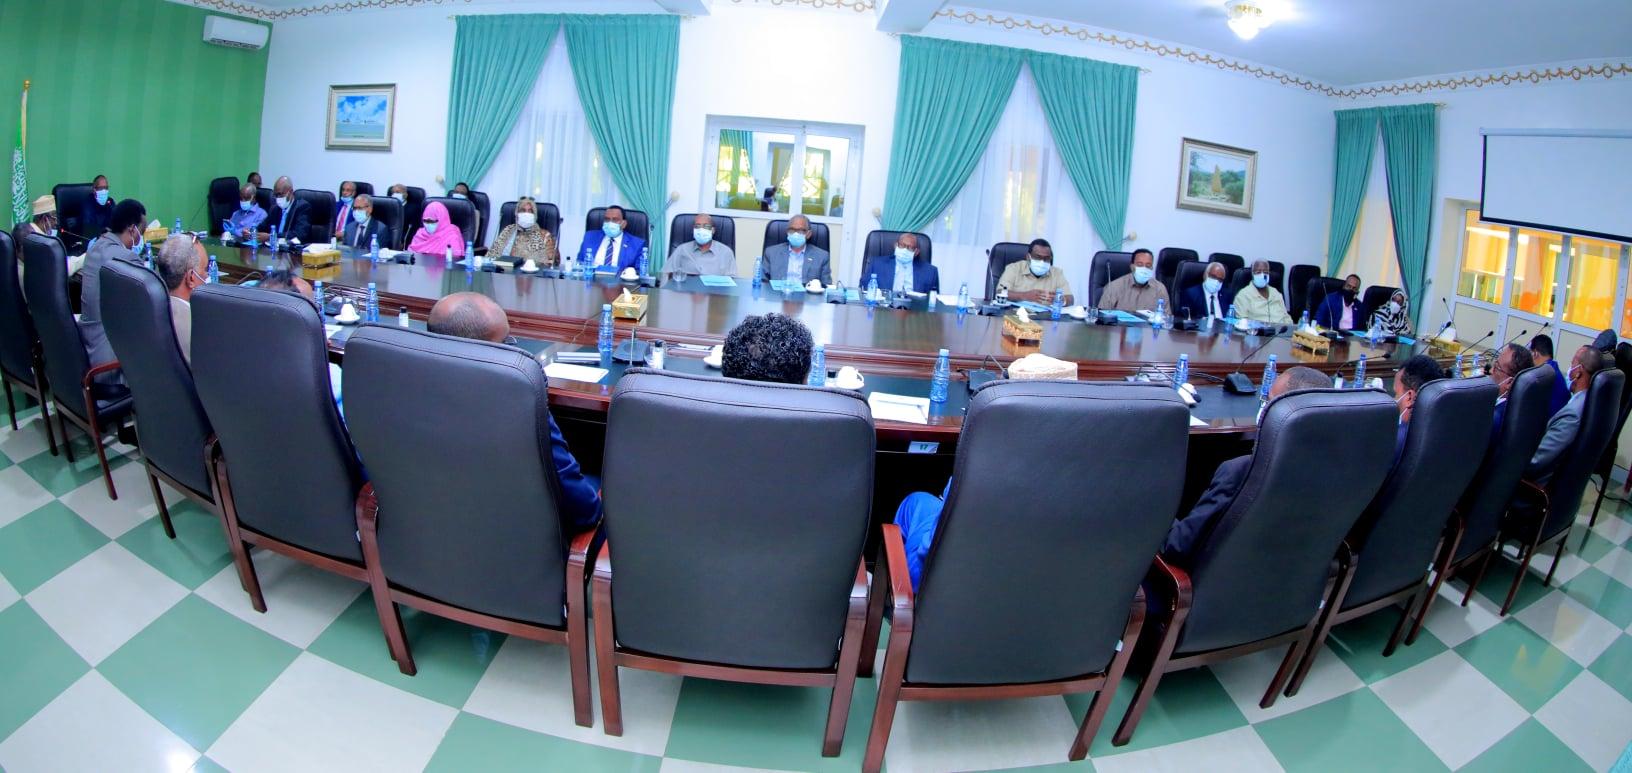 Golaha Wasiirrada Somaliland Oo Dood Ka Yeeshay Heshiiska Ay Wada-Gaadheen Soomaaliya Iyo Wakiilka UN-Ka